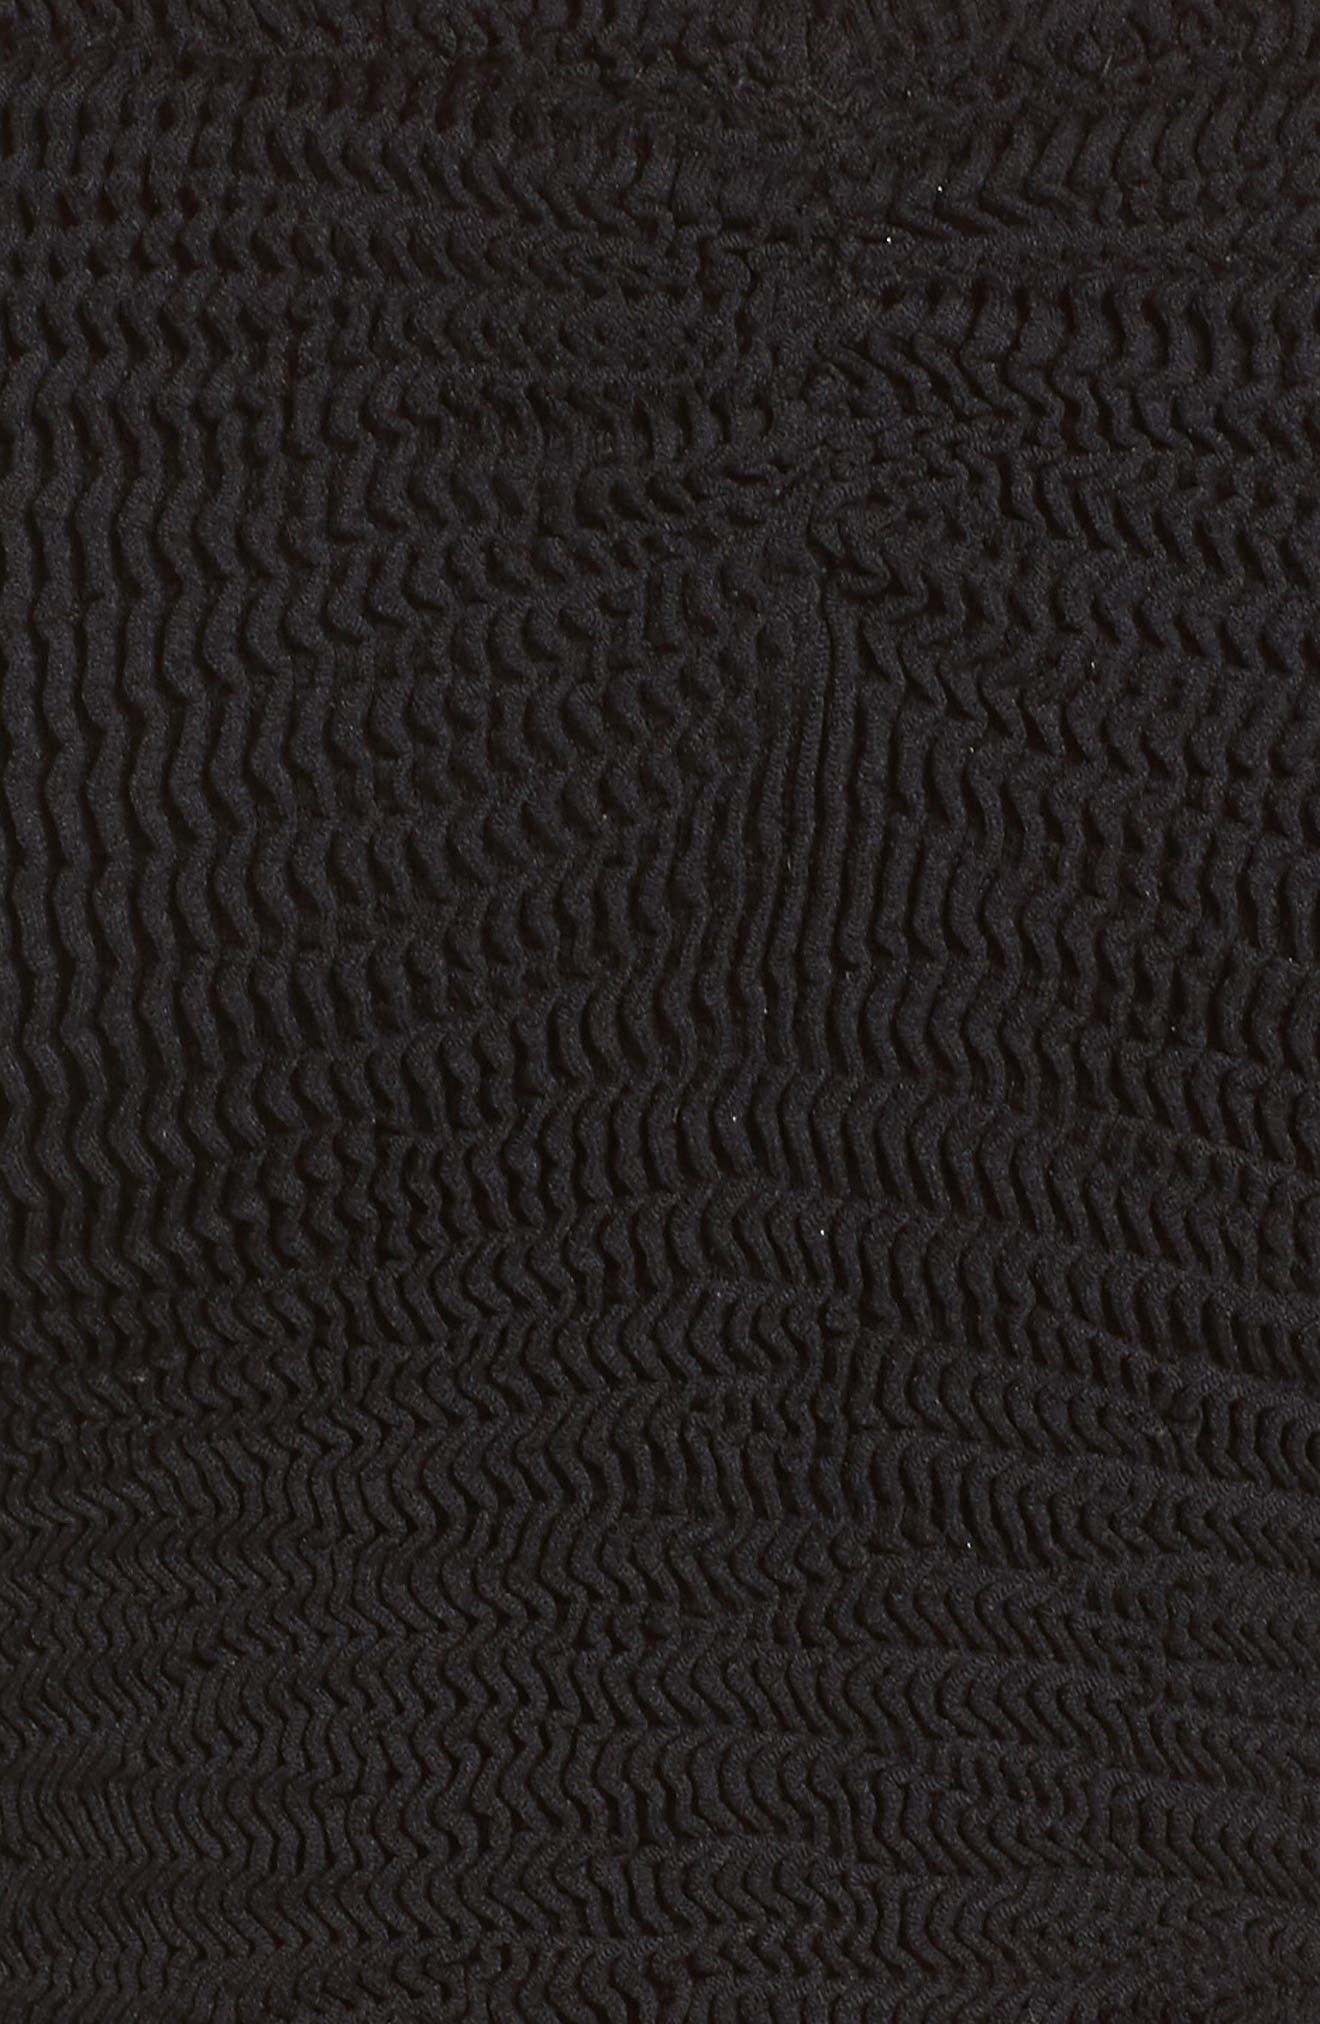 Tubular Bikini Top,                             Alternate thumbnail 5, color,                             001